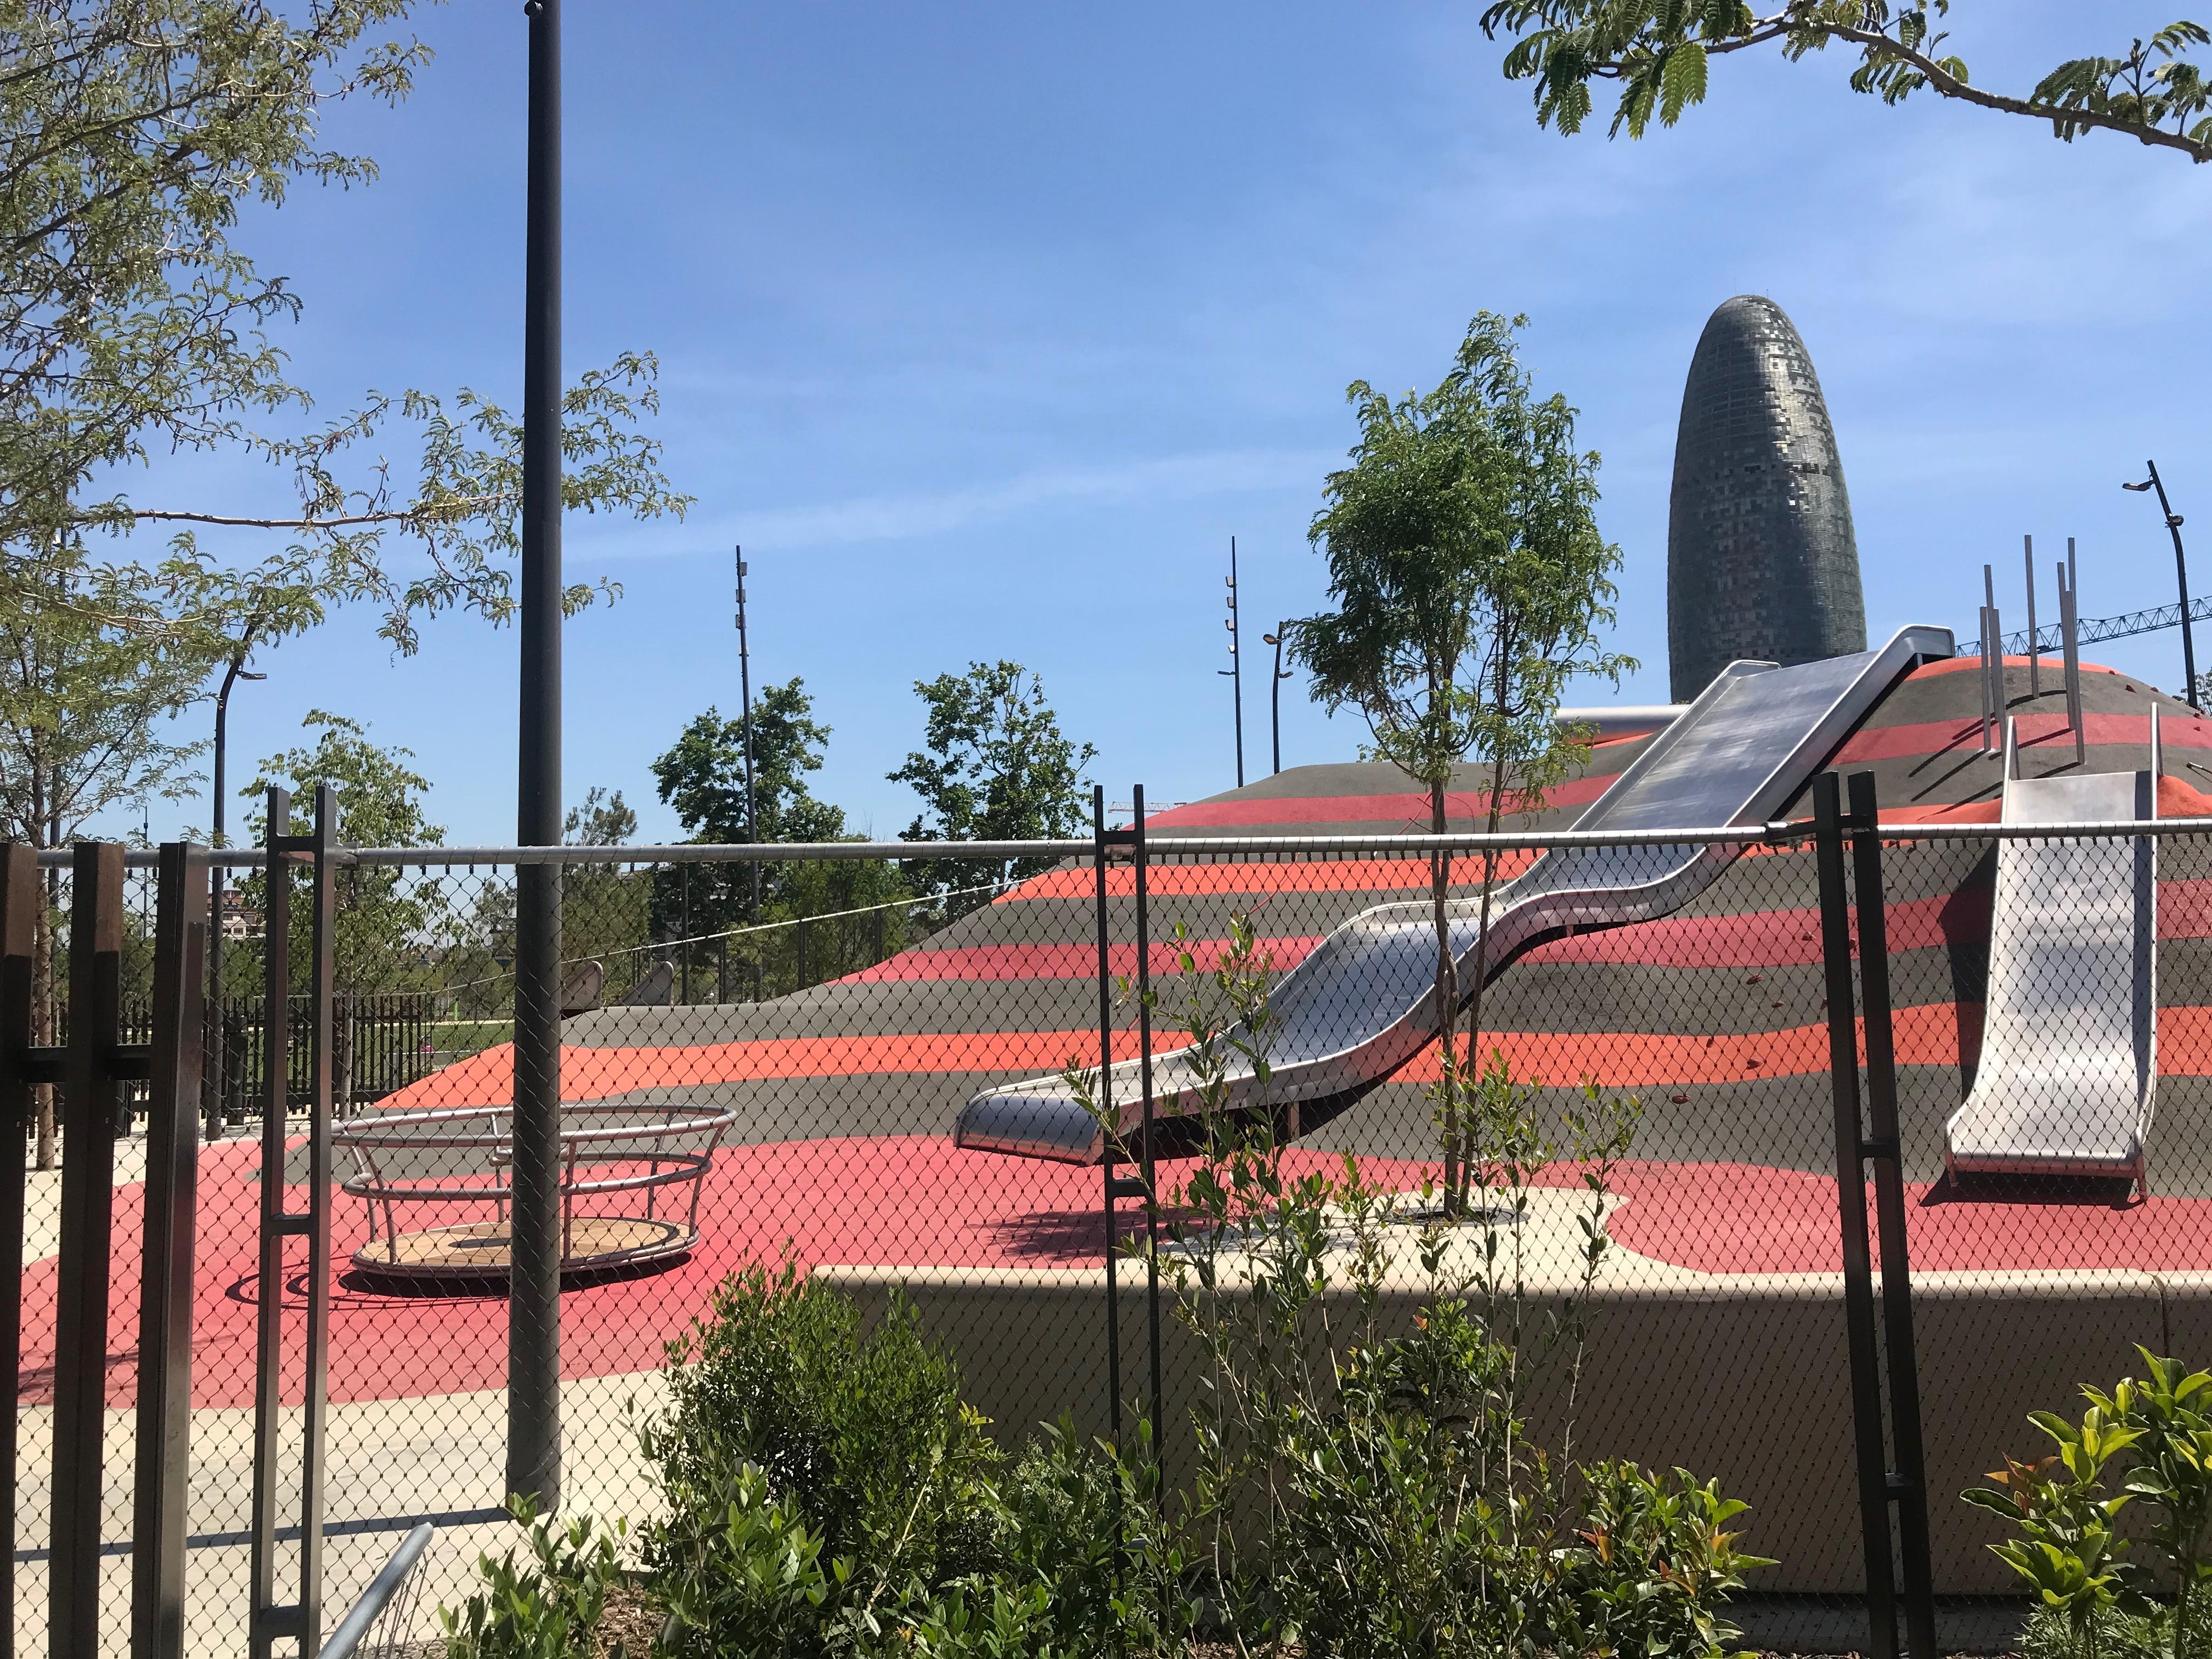 Gloria Parque